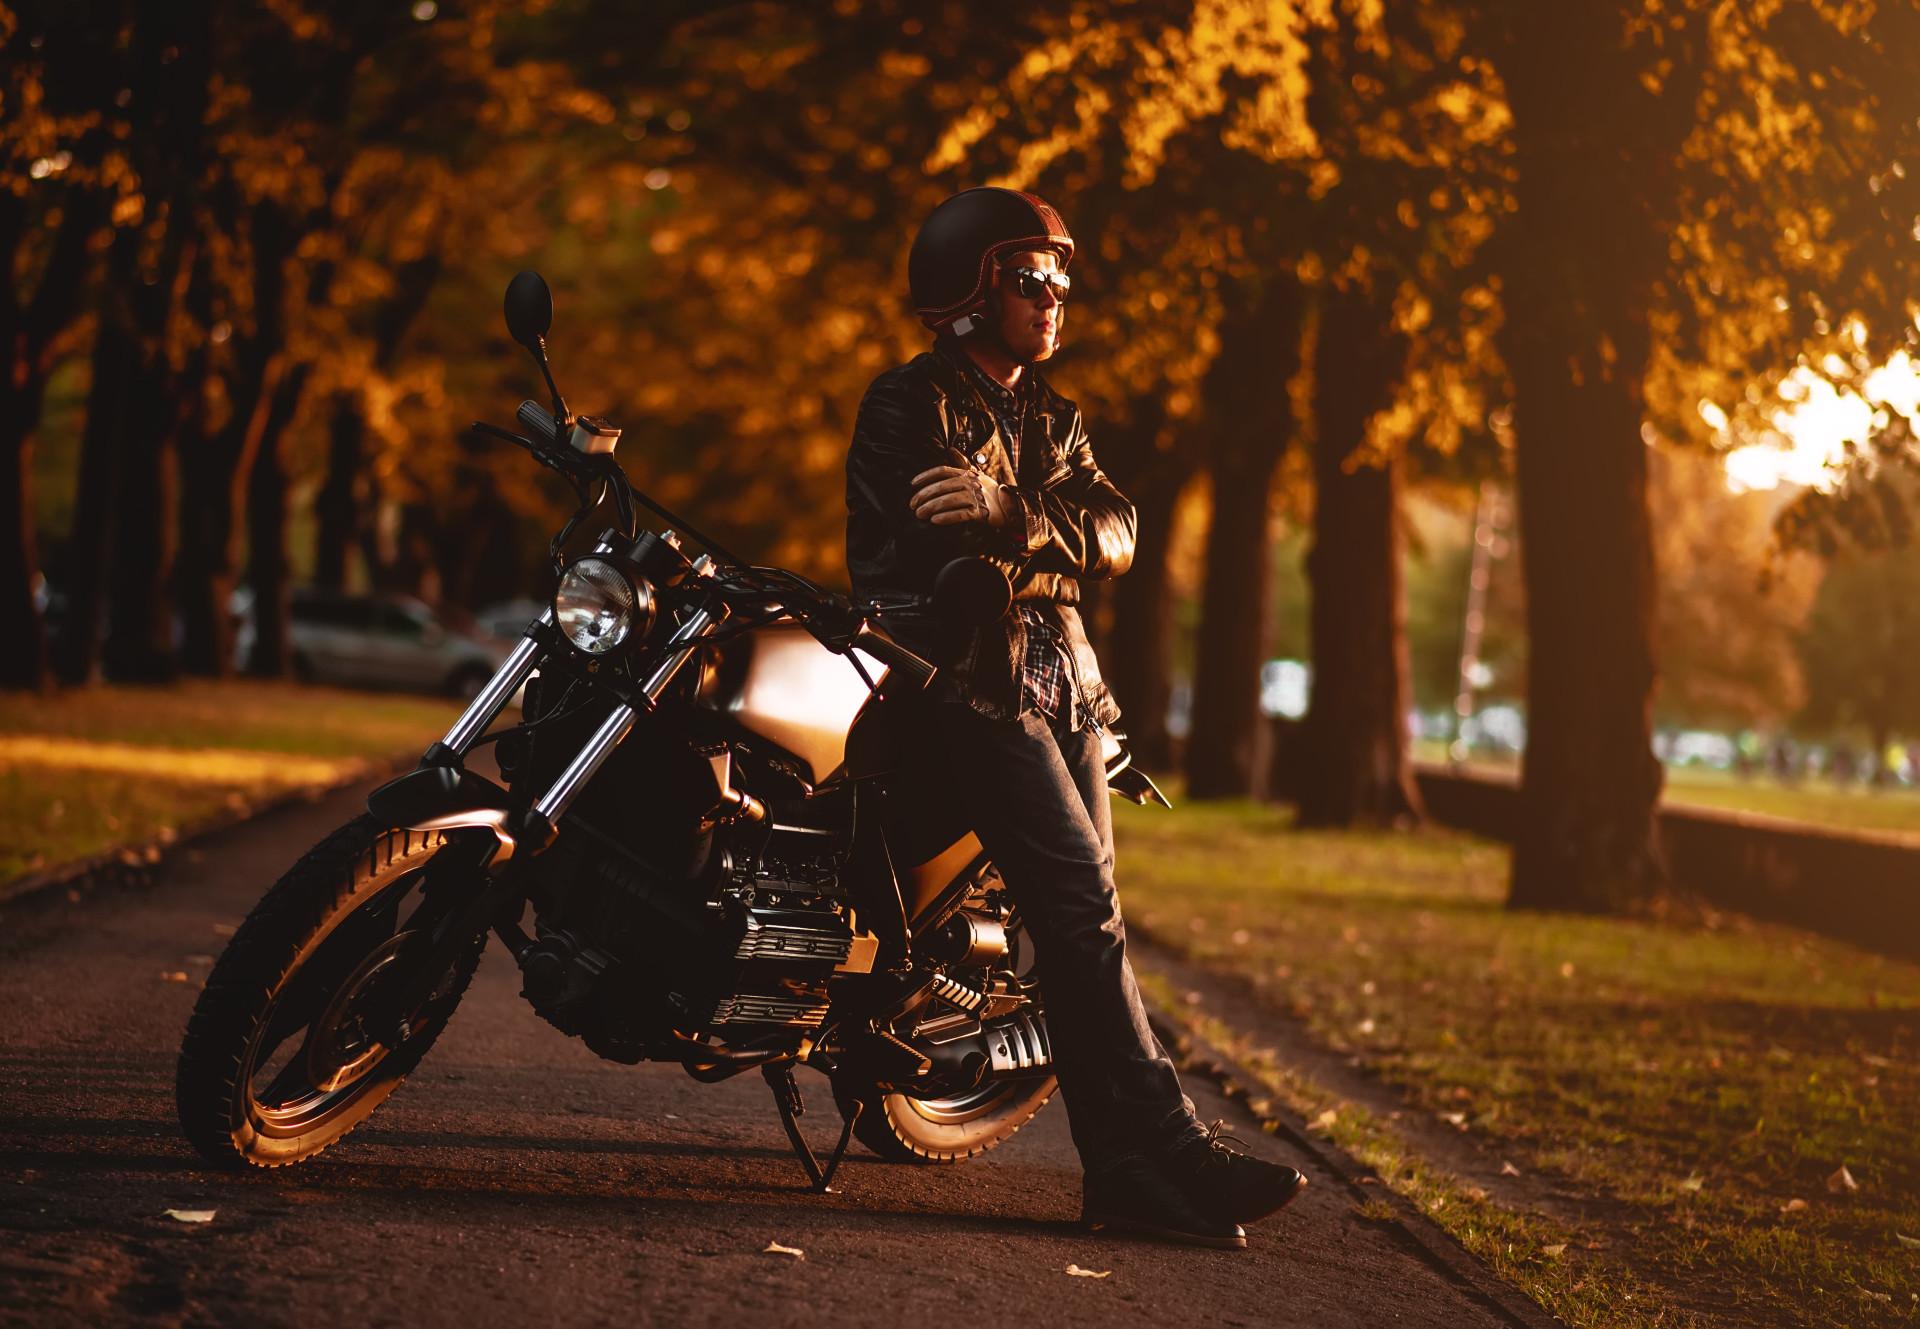 Tudo o que sempre quis saber sobre motos